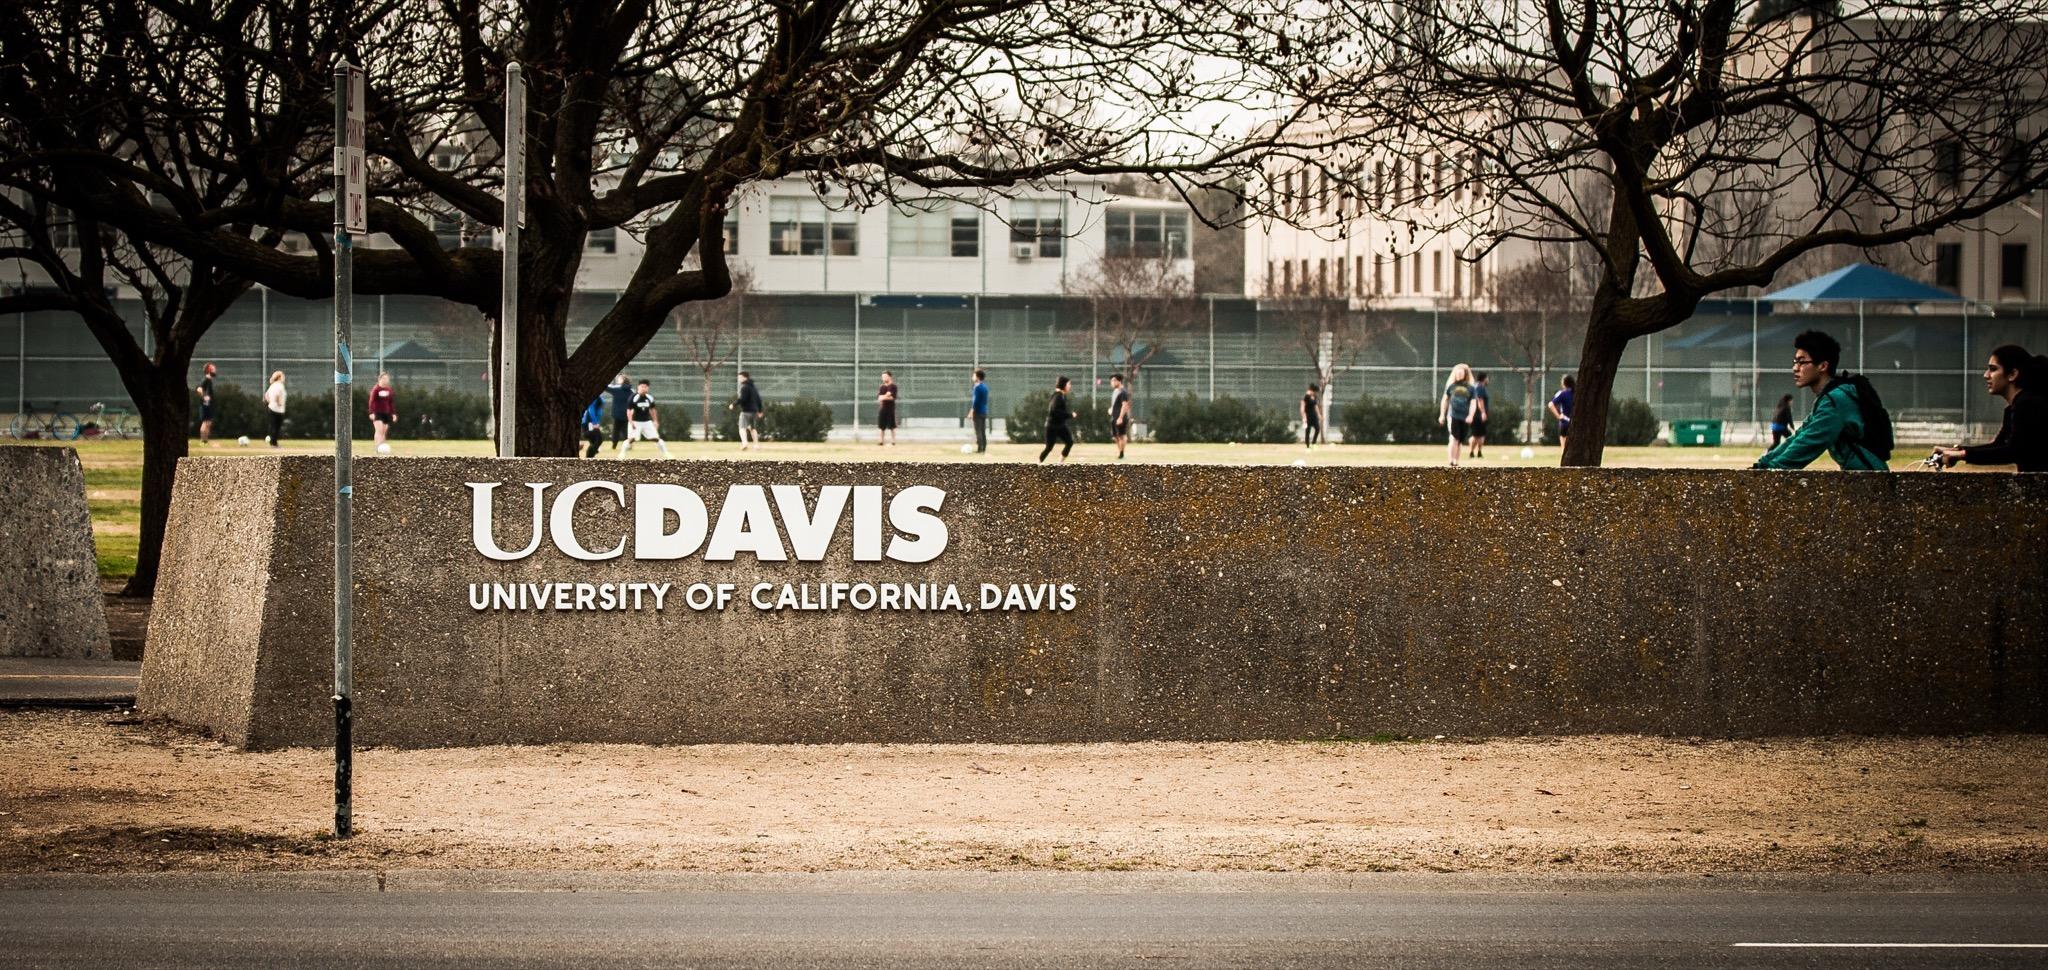 UC Davis Under Investigation For Lab Animal Deaths